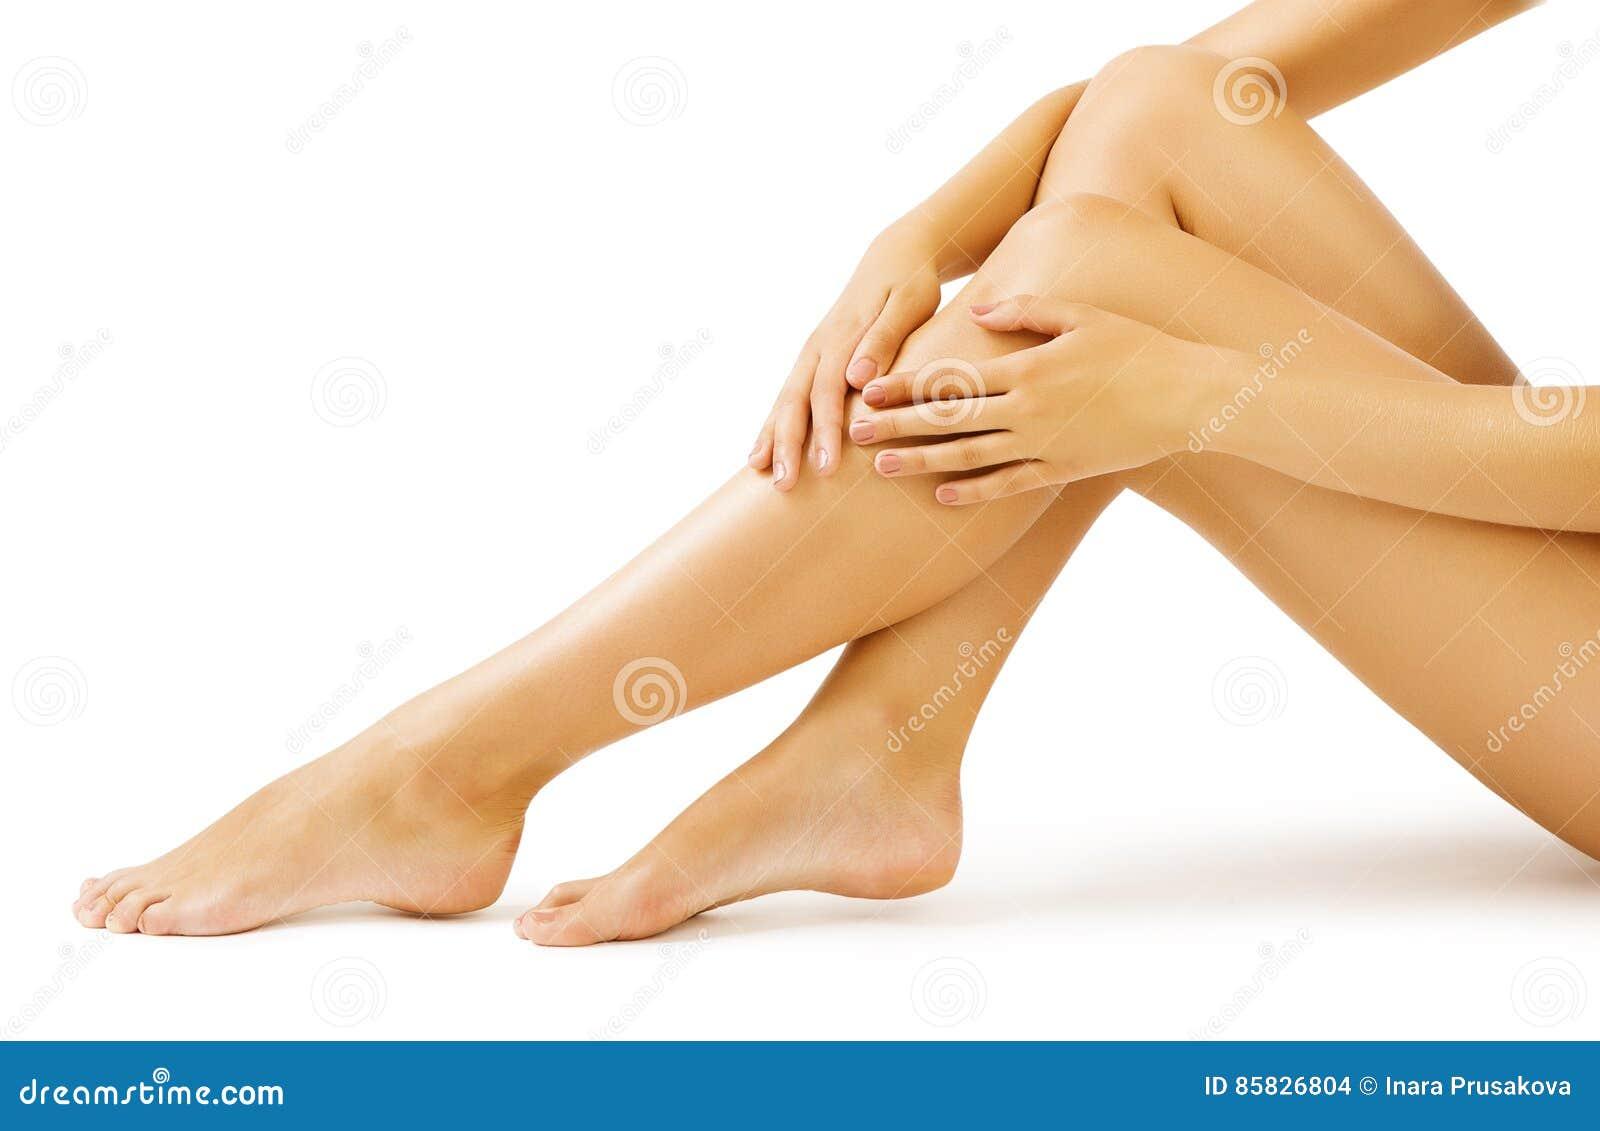 Pele do pé da mulher, massagem do corpo e pés cuidados com a pele, branco isolados